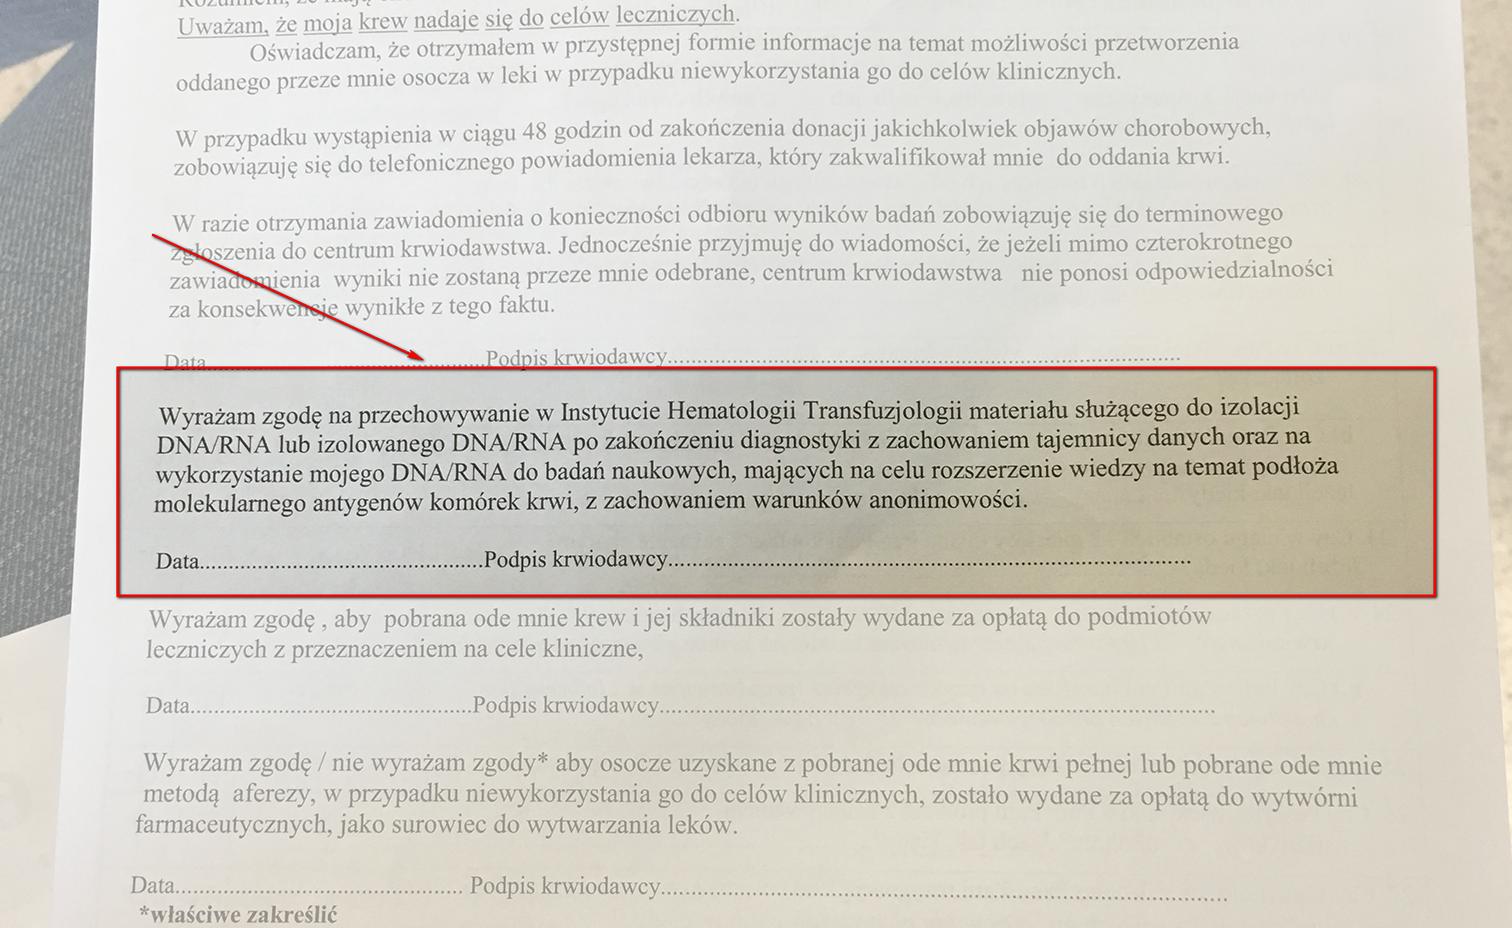 Zgoda na przechowywanie w Instytucie Hematologii i Transfuzjologii materiału służącego do izolacji DNA/RNA